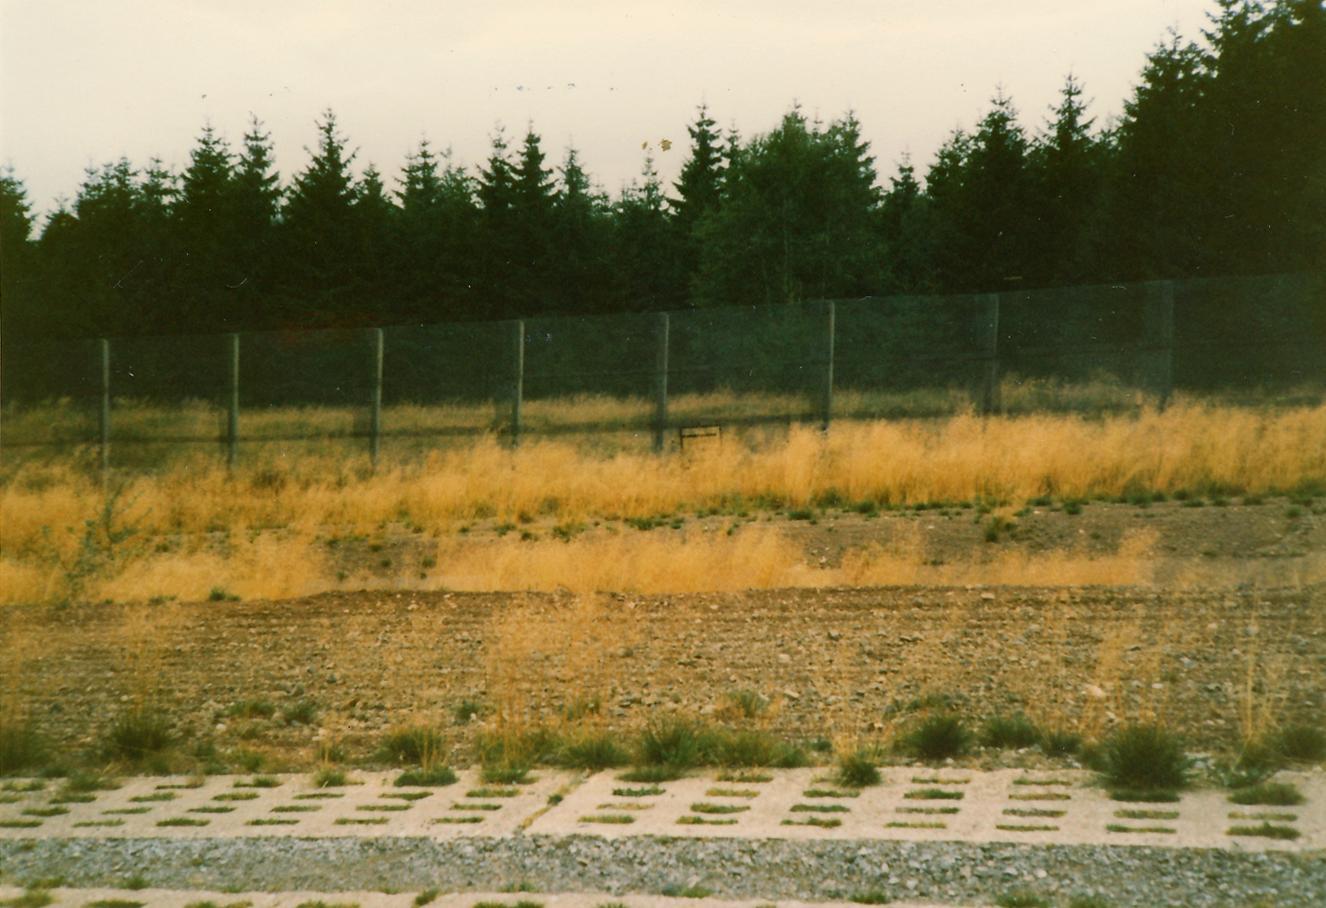 Vom Fahrweg der Grenzsicherungsanlagen aus aufgenommenes Foto eines kleinen Gitters unten im Grenzzaun. Dieses unscheinbare wird durch die hohen Gräser fast verdeckt und erst auf den zweiten Blick wahrgenommen.